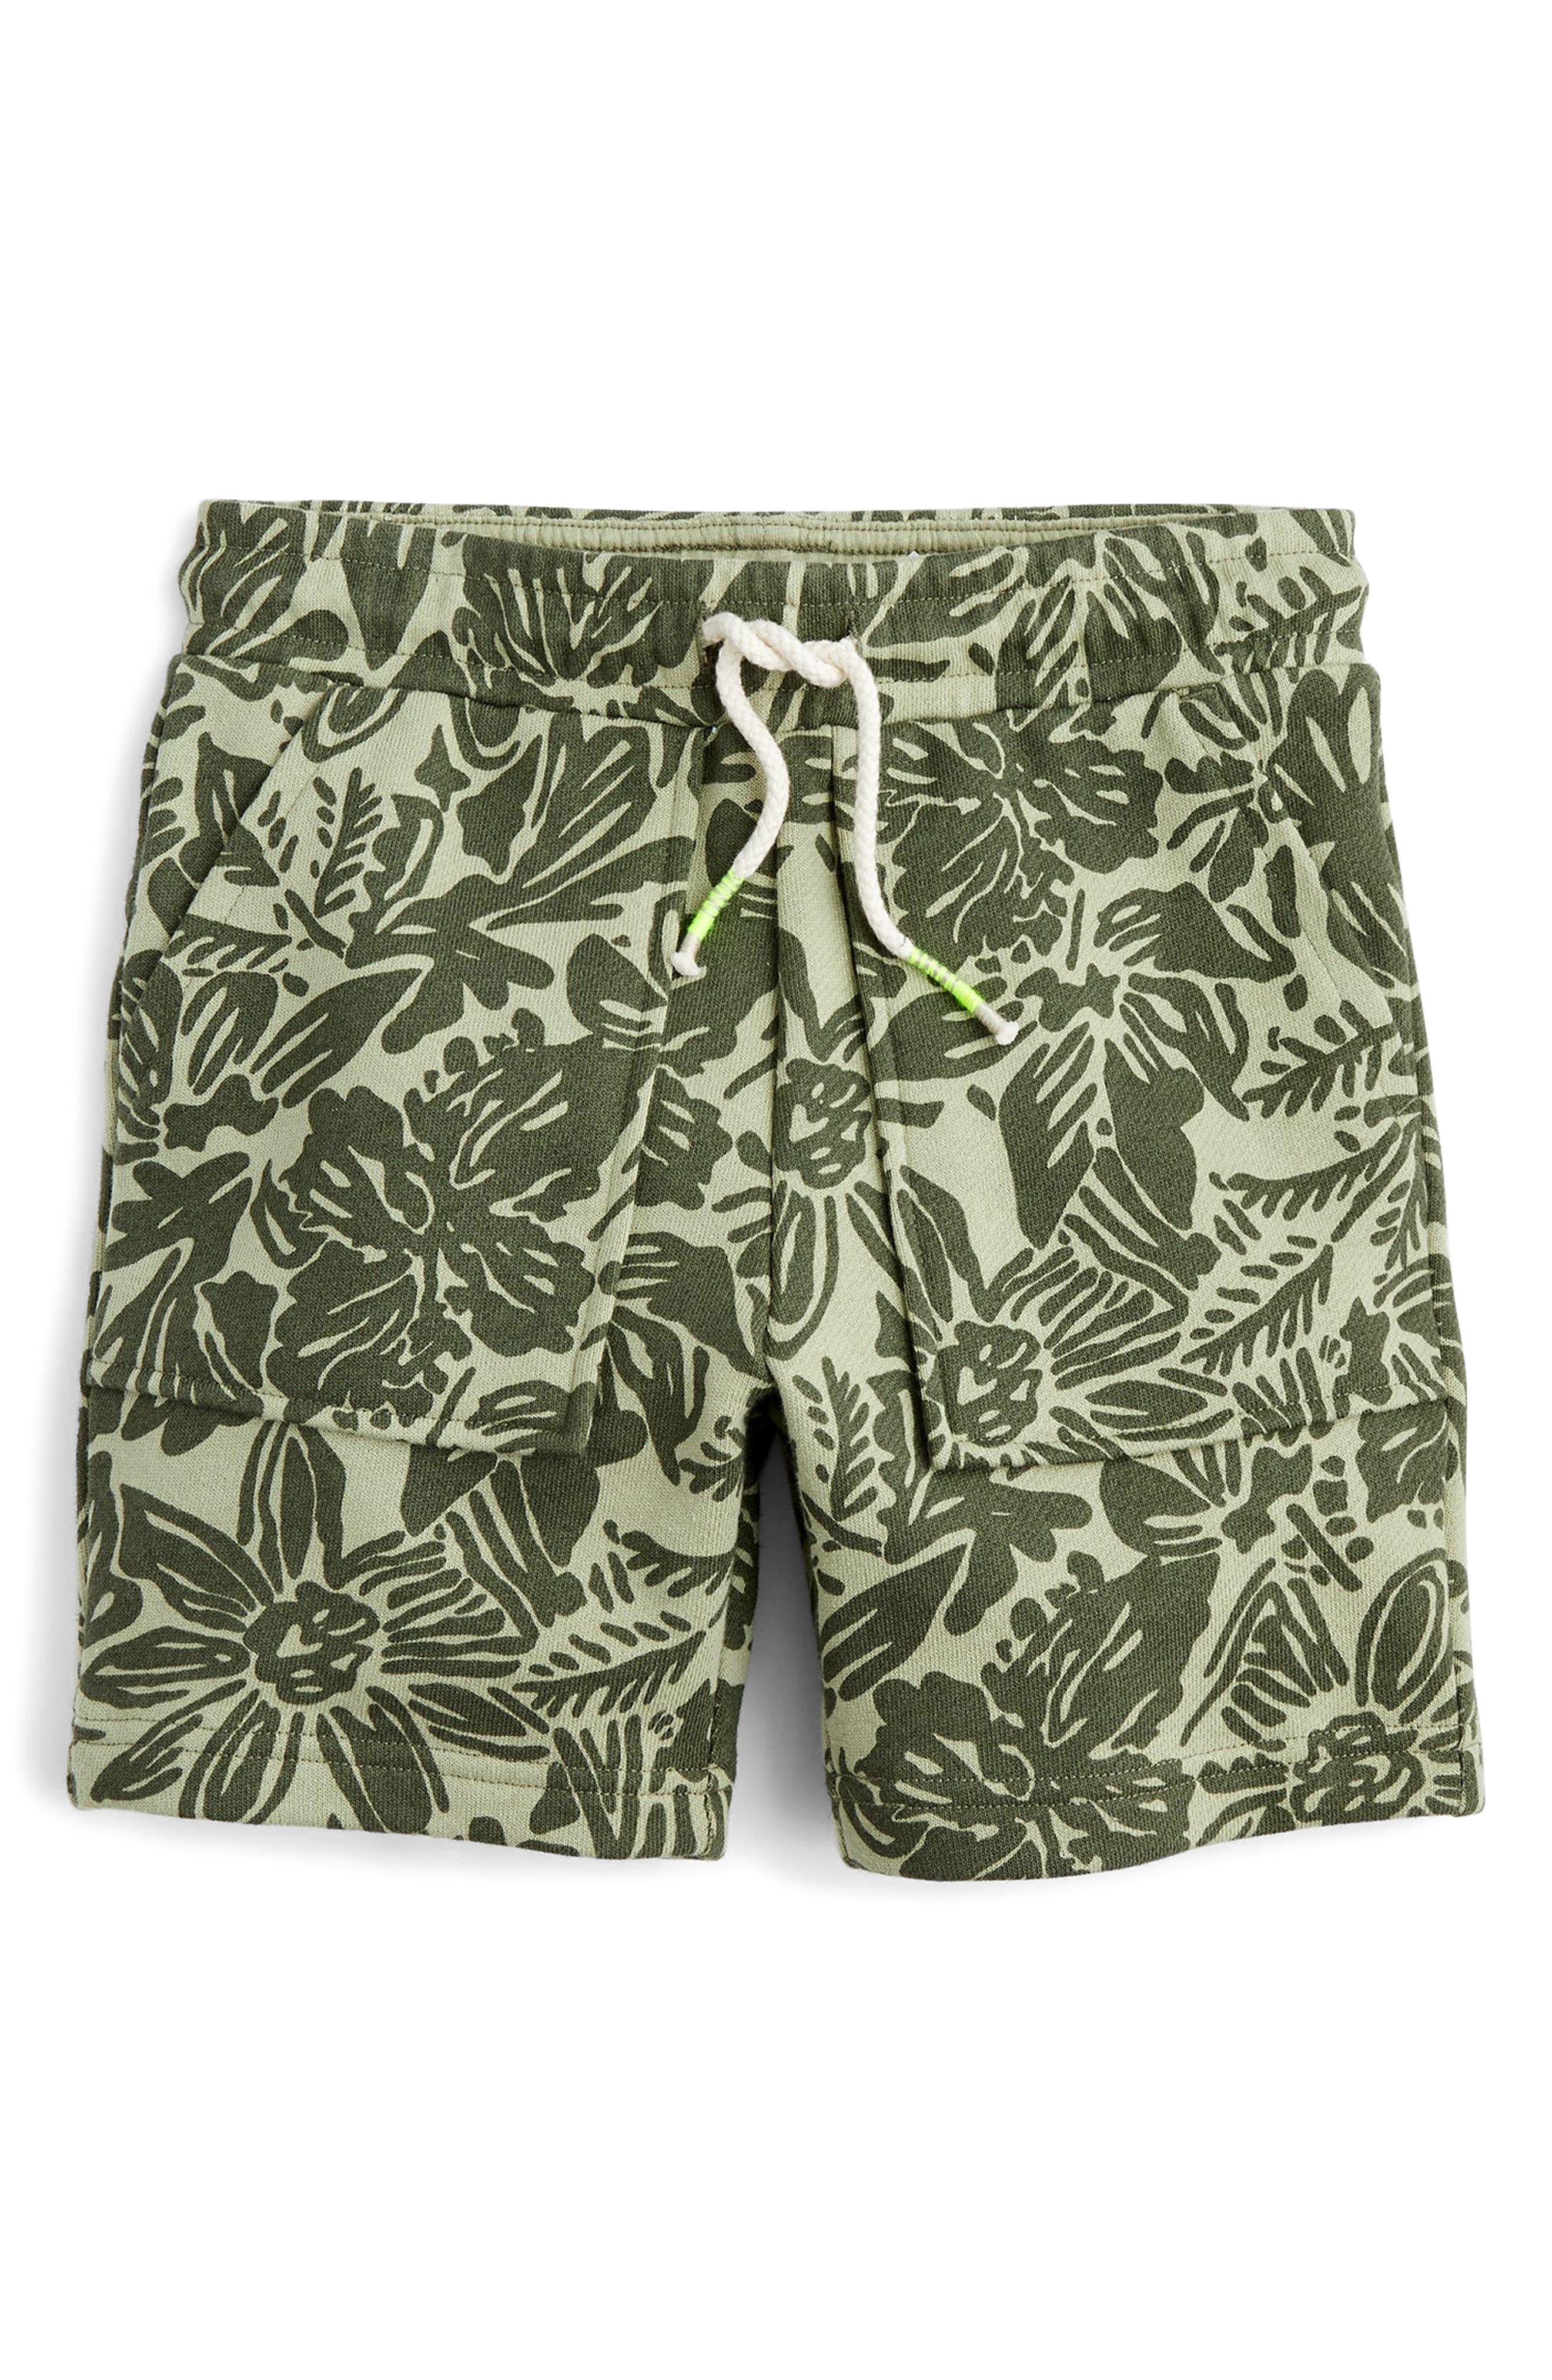 Print Knit Shorts,                             Main thumbnail 1, color,                             Olive Fatigue